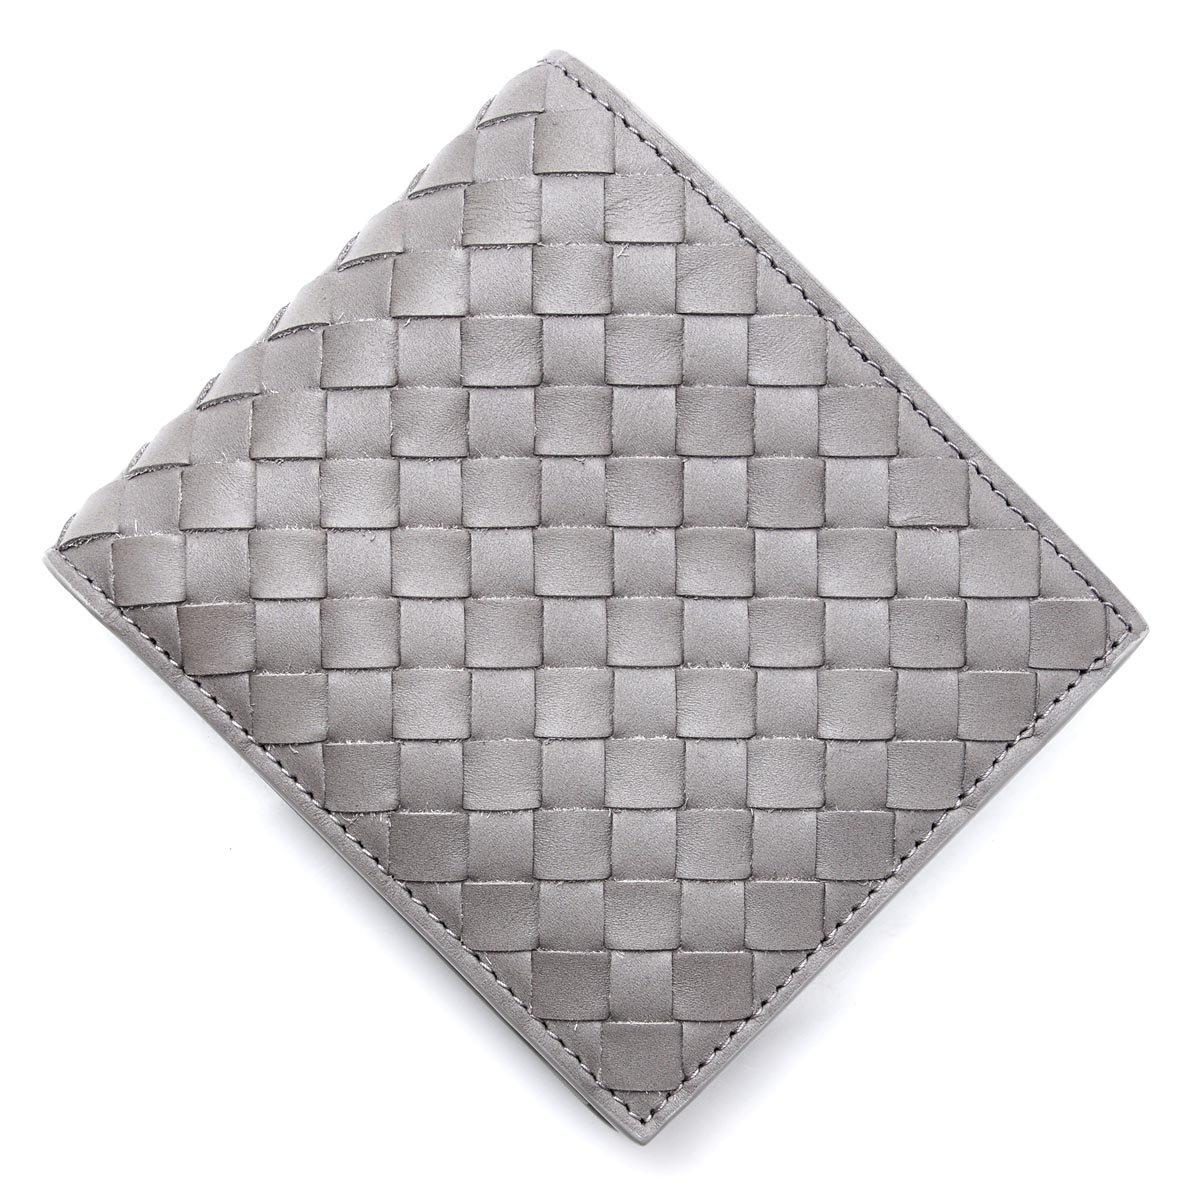 (ボッテガヴェネタ) BOTTEGA VENETA 2つ折り 財布 小銭入れ付き/VN [並行輸入品] B07F8R2D94 Free|Cement Cement Free